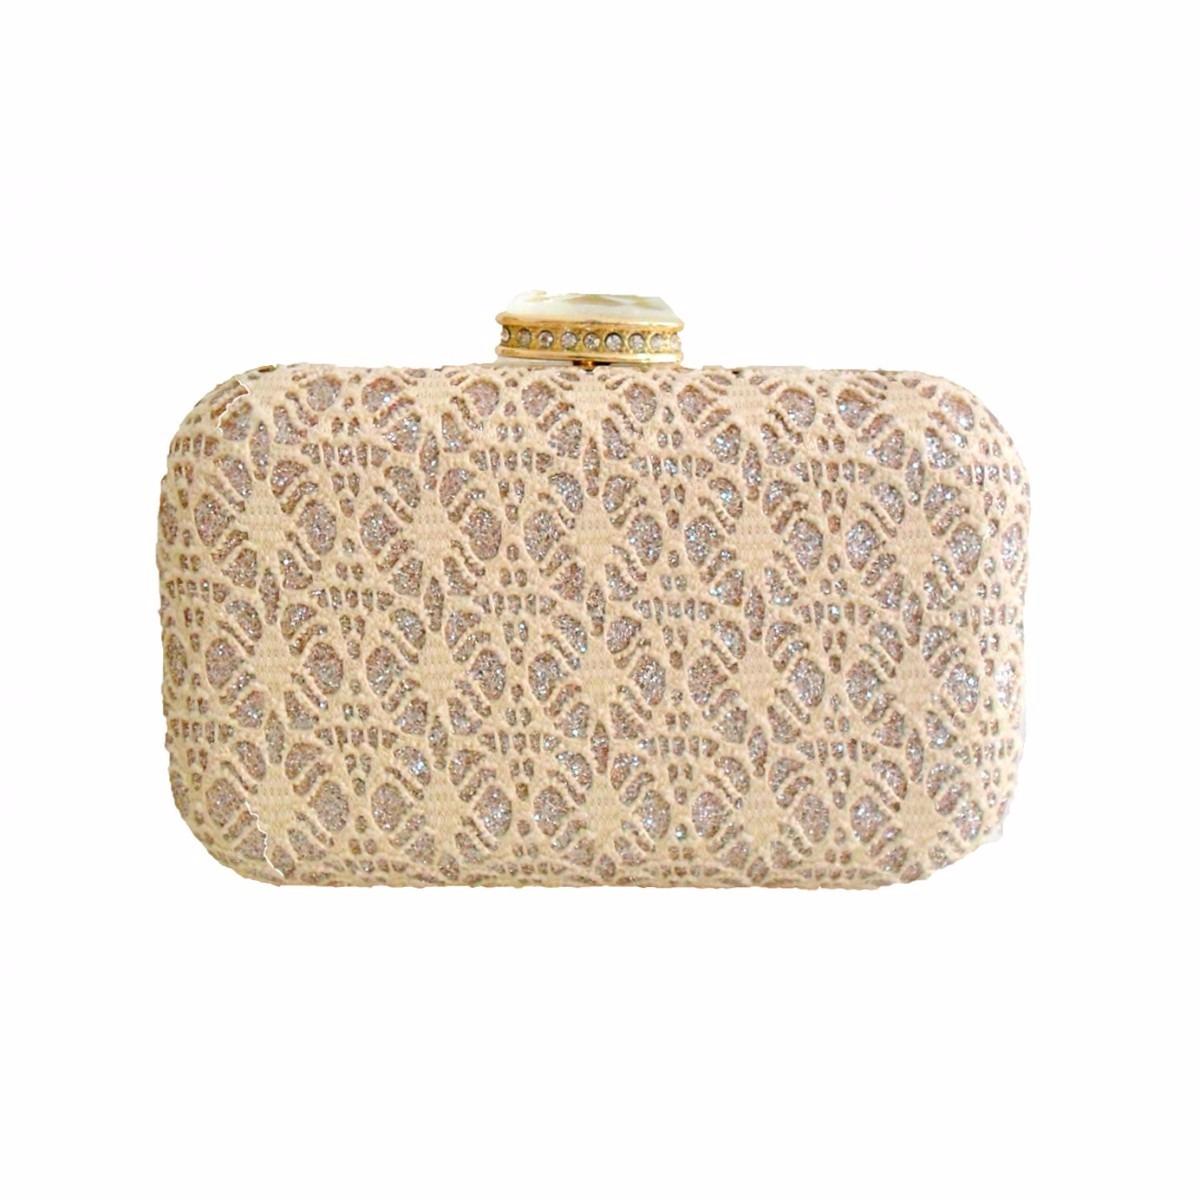 b0dbd09a1 Bolsa Clutch Renda Dourada - R$ 49,90 em Mercado Livre